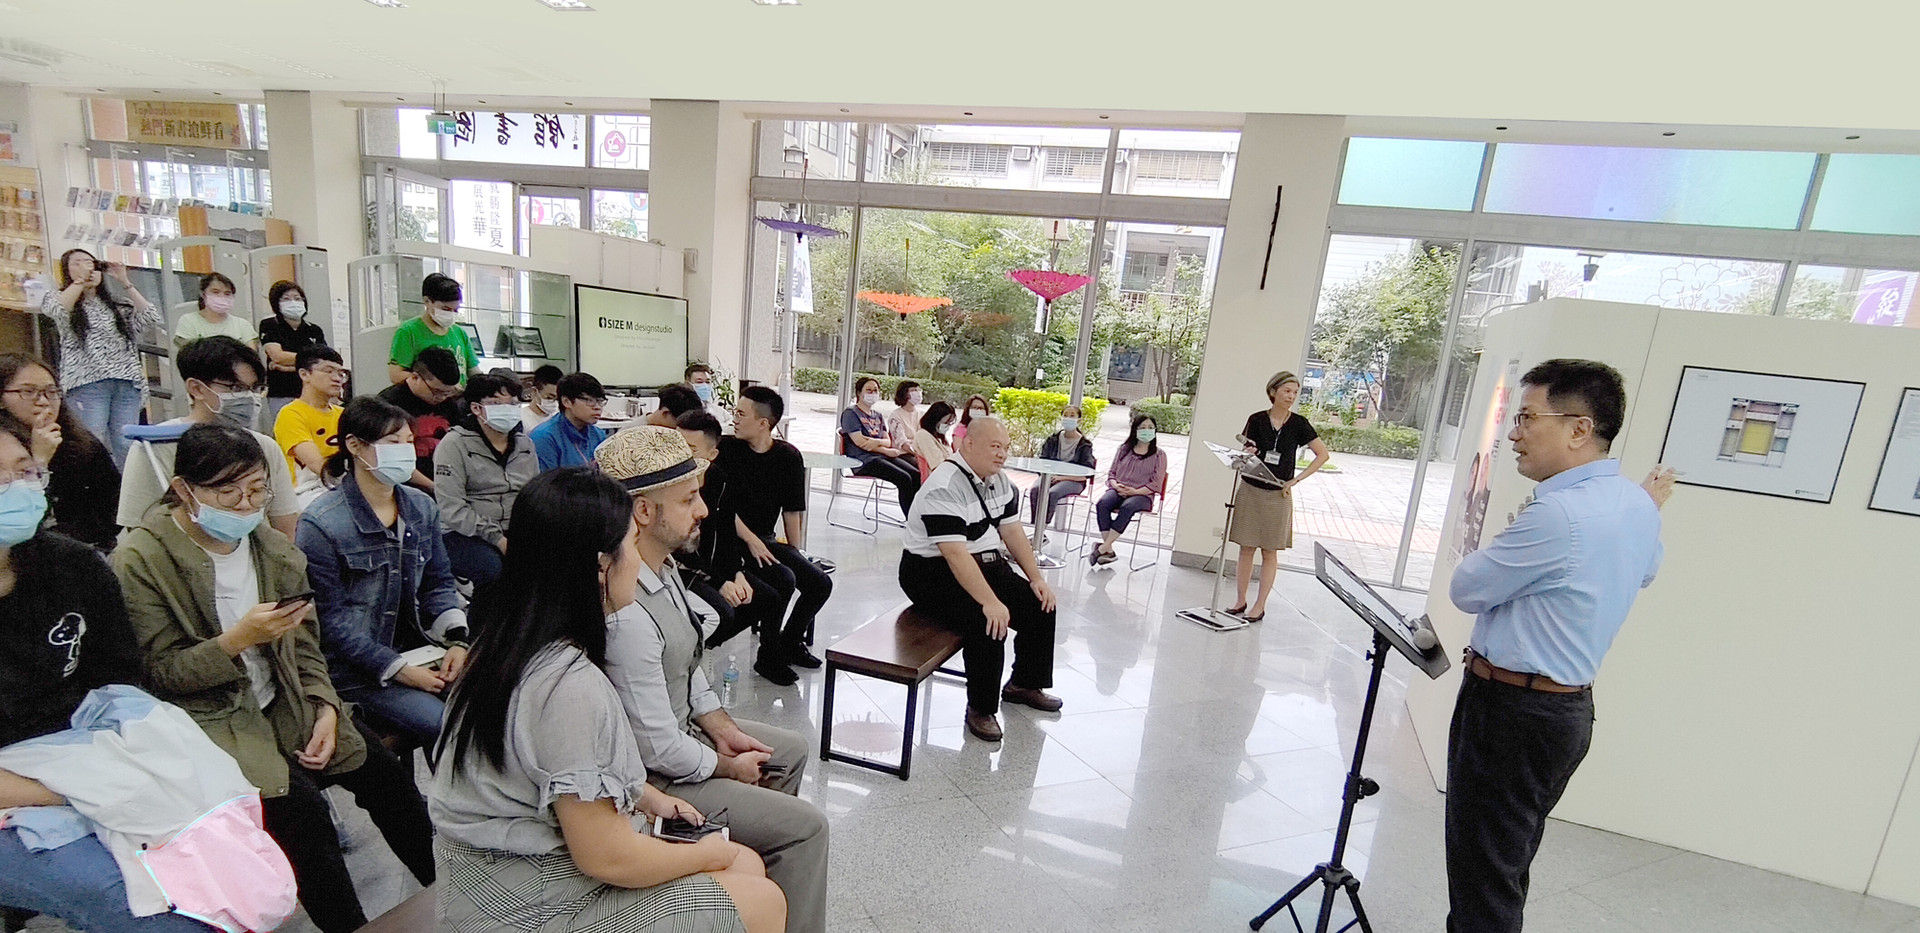 Solo Exhibition, Marco Guariglia, Jui Ju Lin, Size M design studio,Hwa Hsia University of Technology